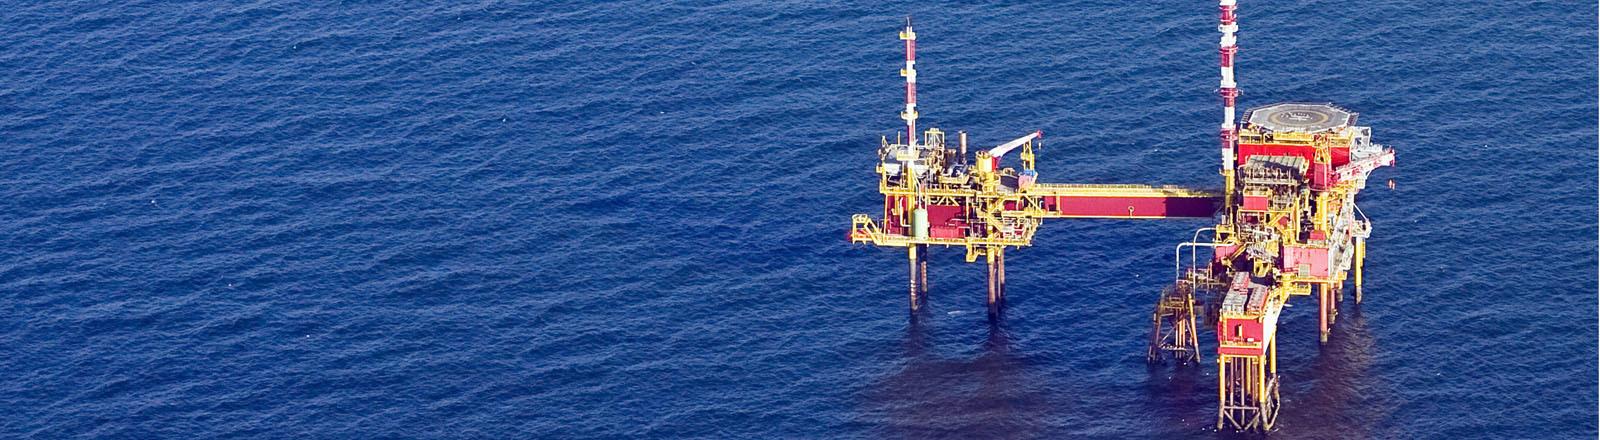 Erdöl-Förderplattform auf dem Meer.